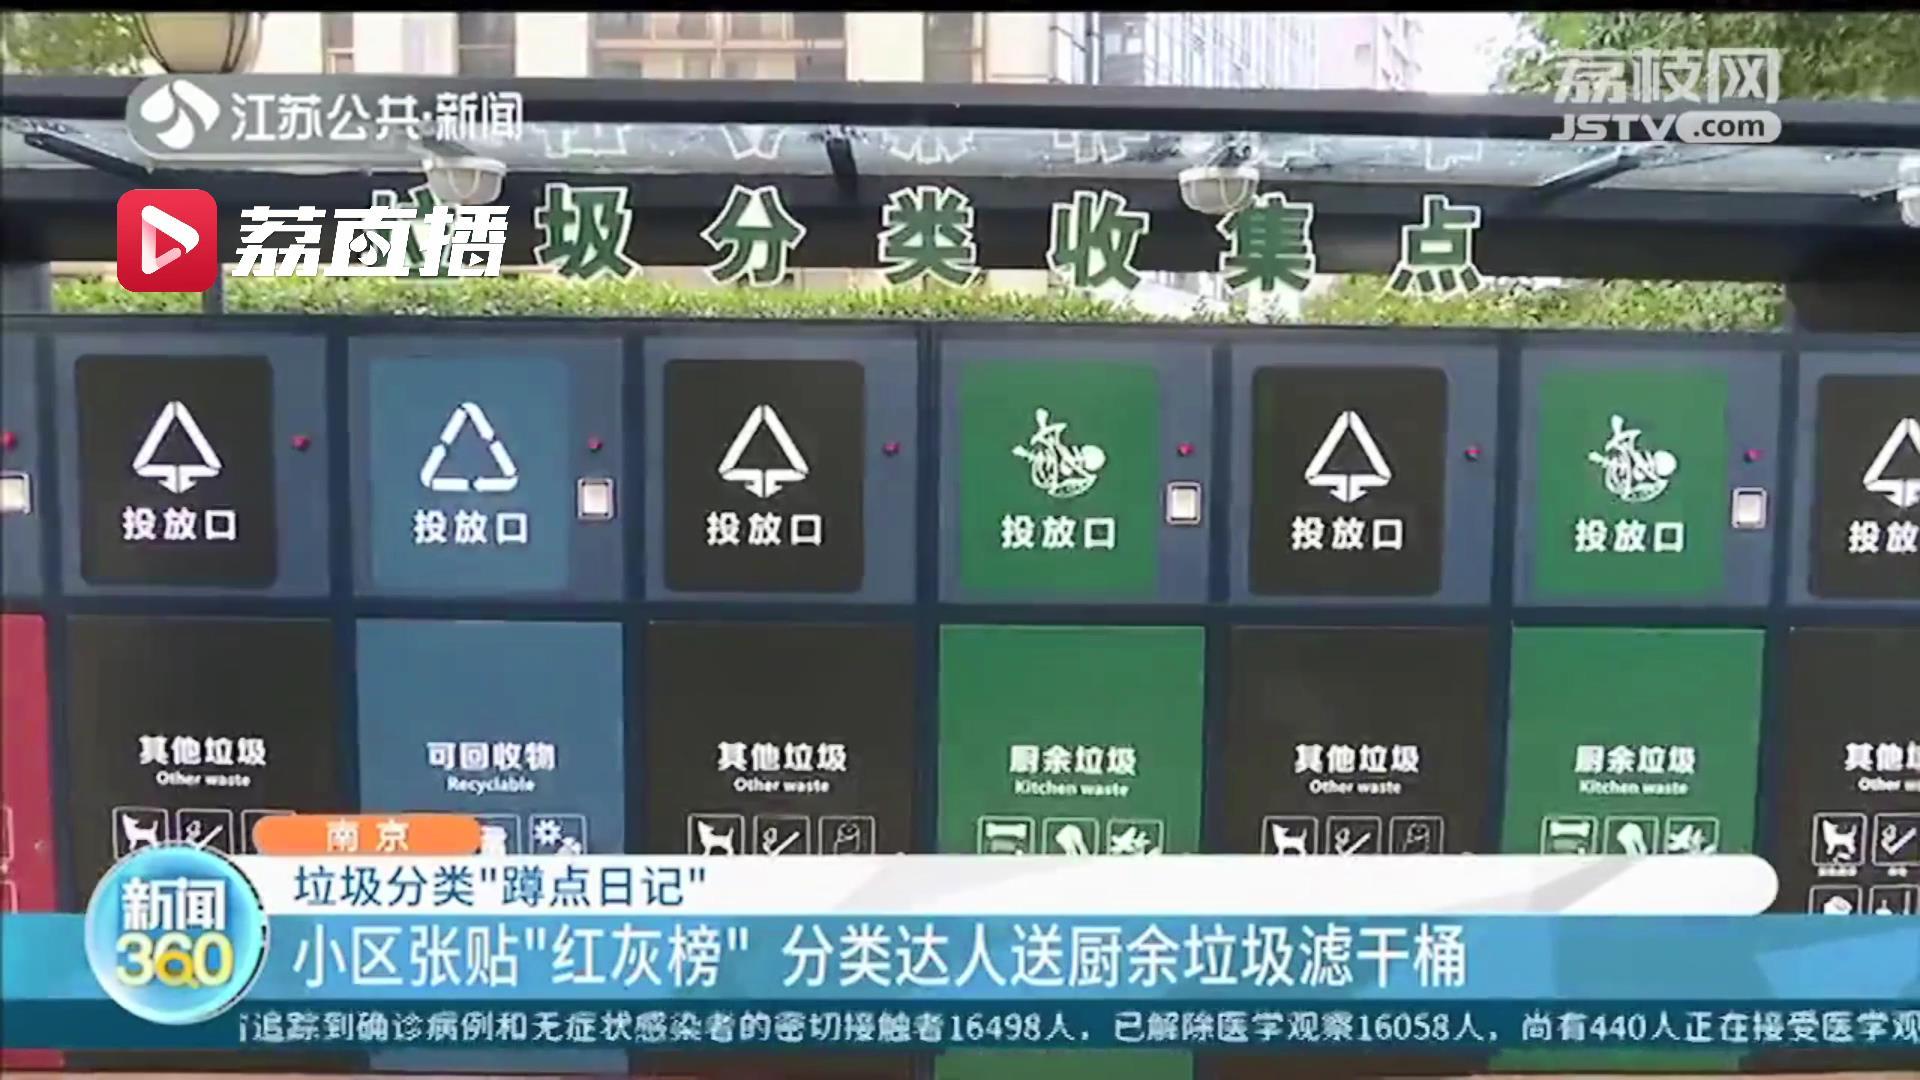 """南京一小区开展""""垃圾分类红灰榜""""成为分类达人有奖励"""